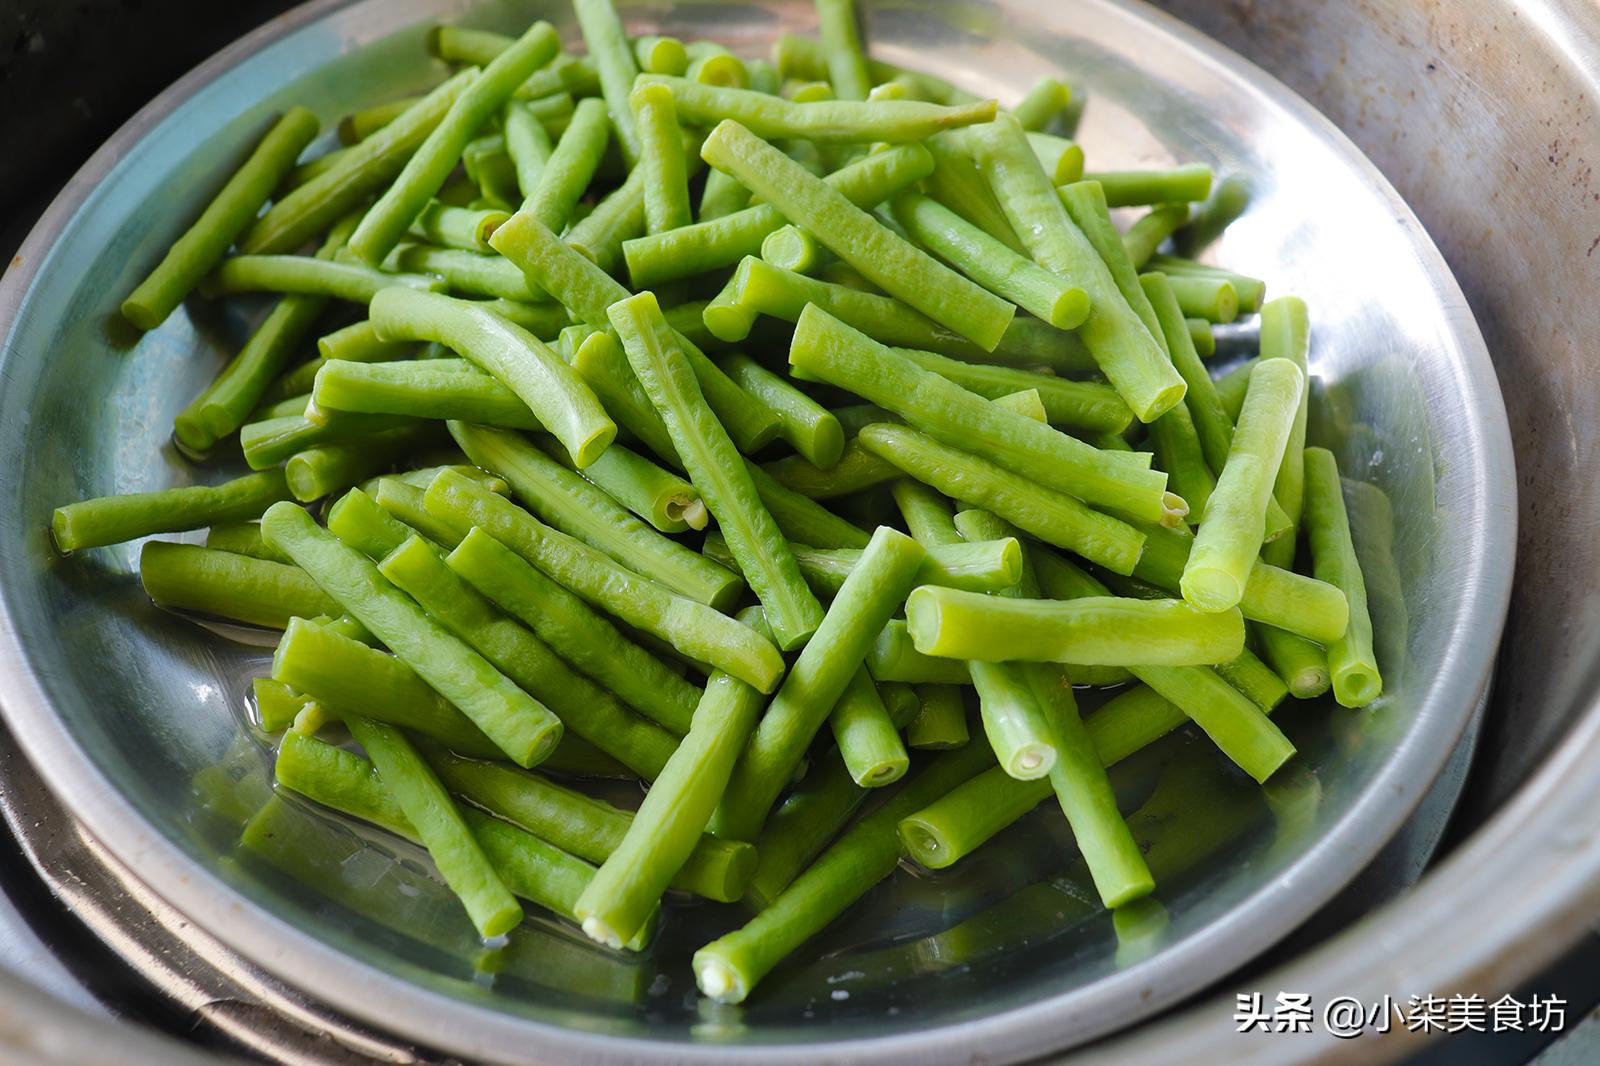 炒豆角时,切记不要直接下锅炒,多加2步,鲜嫩入味,营养又下饭 美食做法 第5张